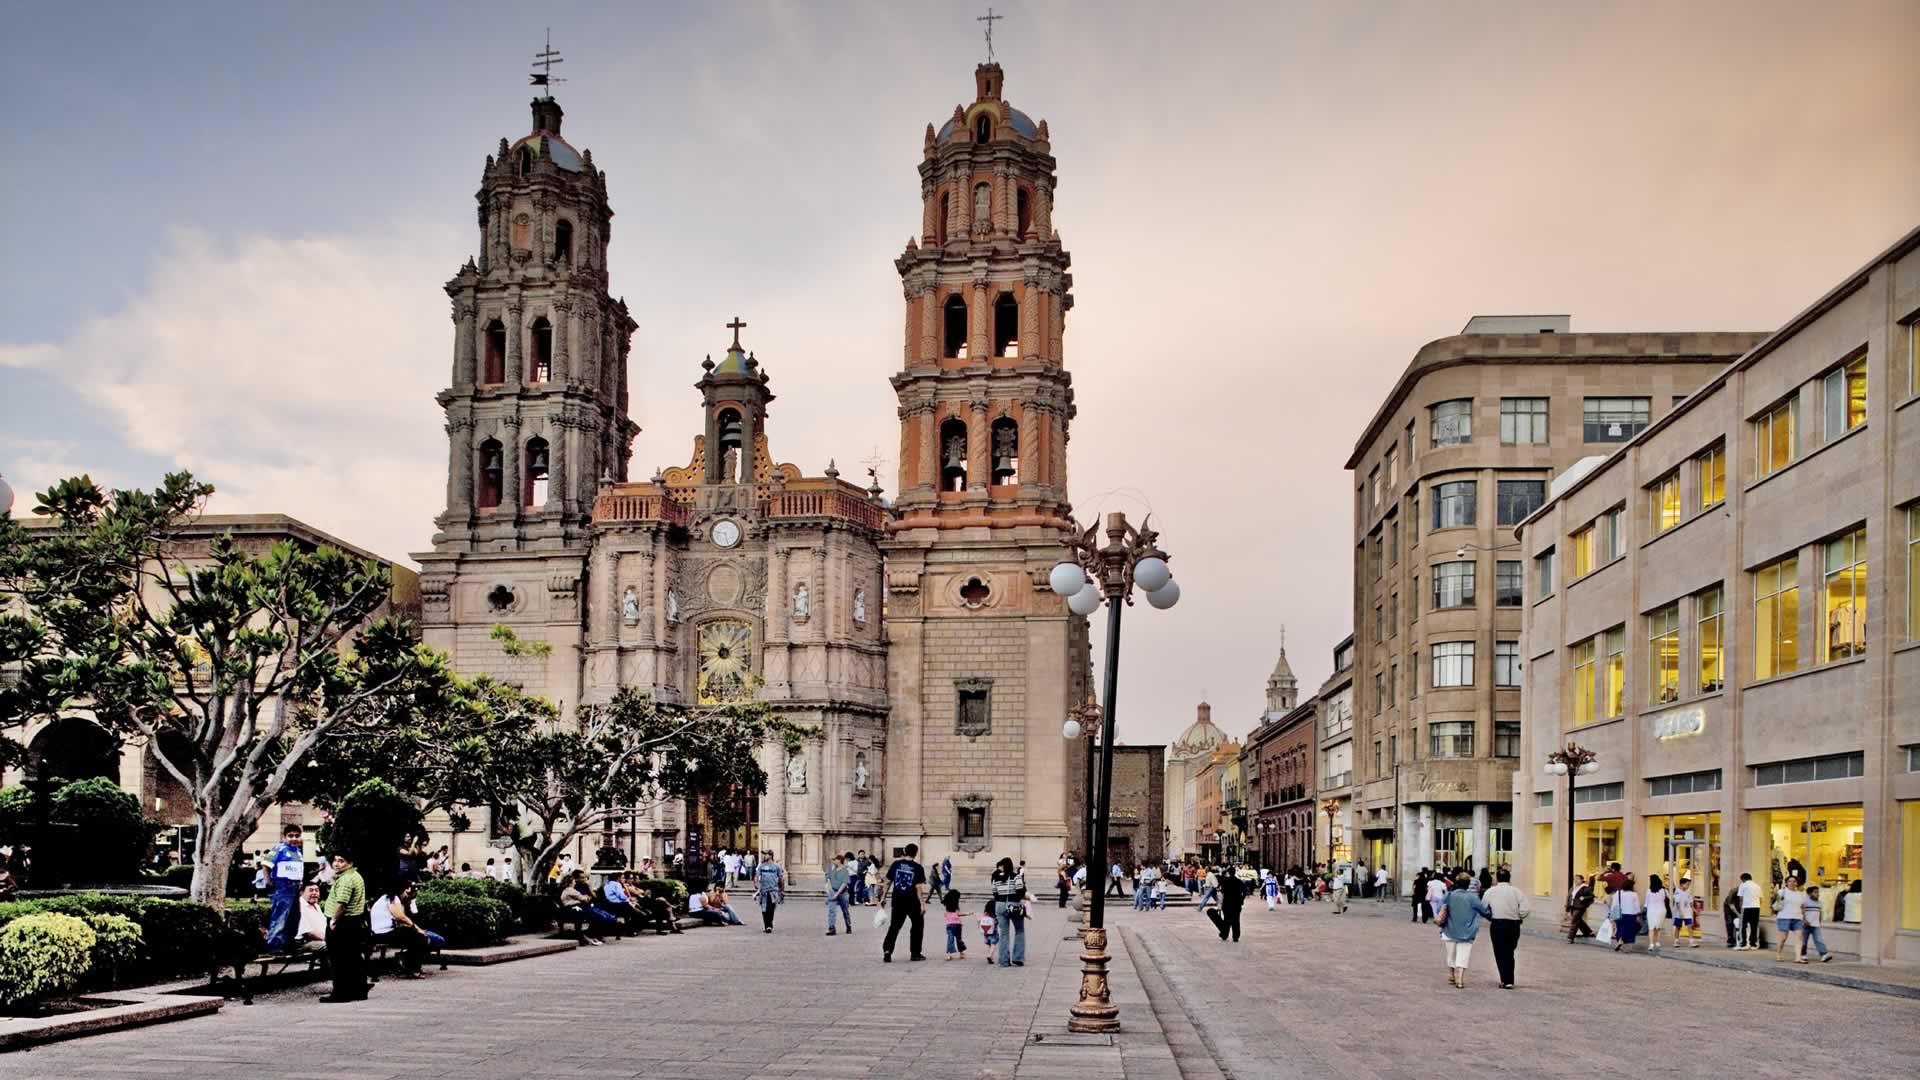 Сан Луис Потоси - удивительный штат с интереснейшими местами для экотуризма. Городская площадь - одна из археологических достопримечательностей